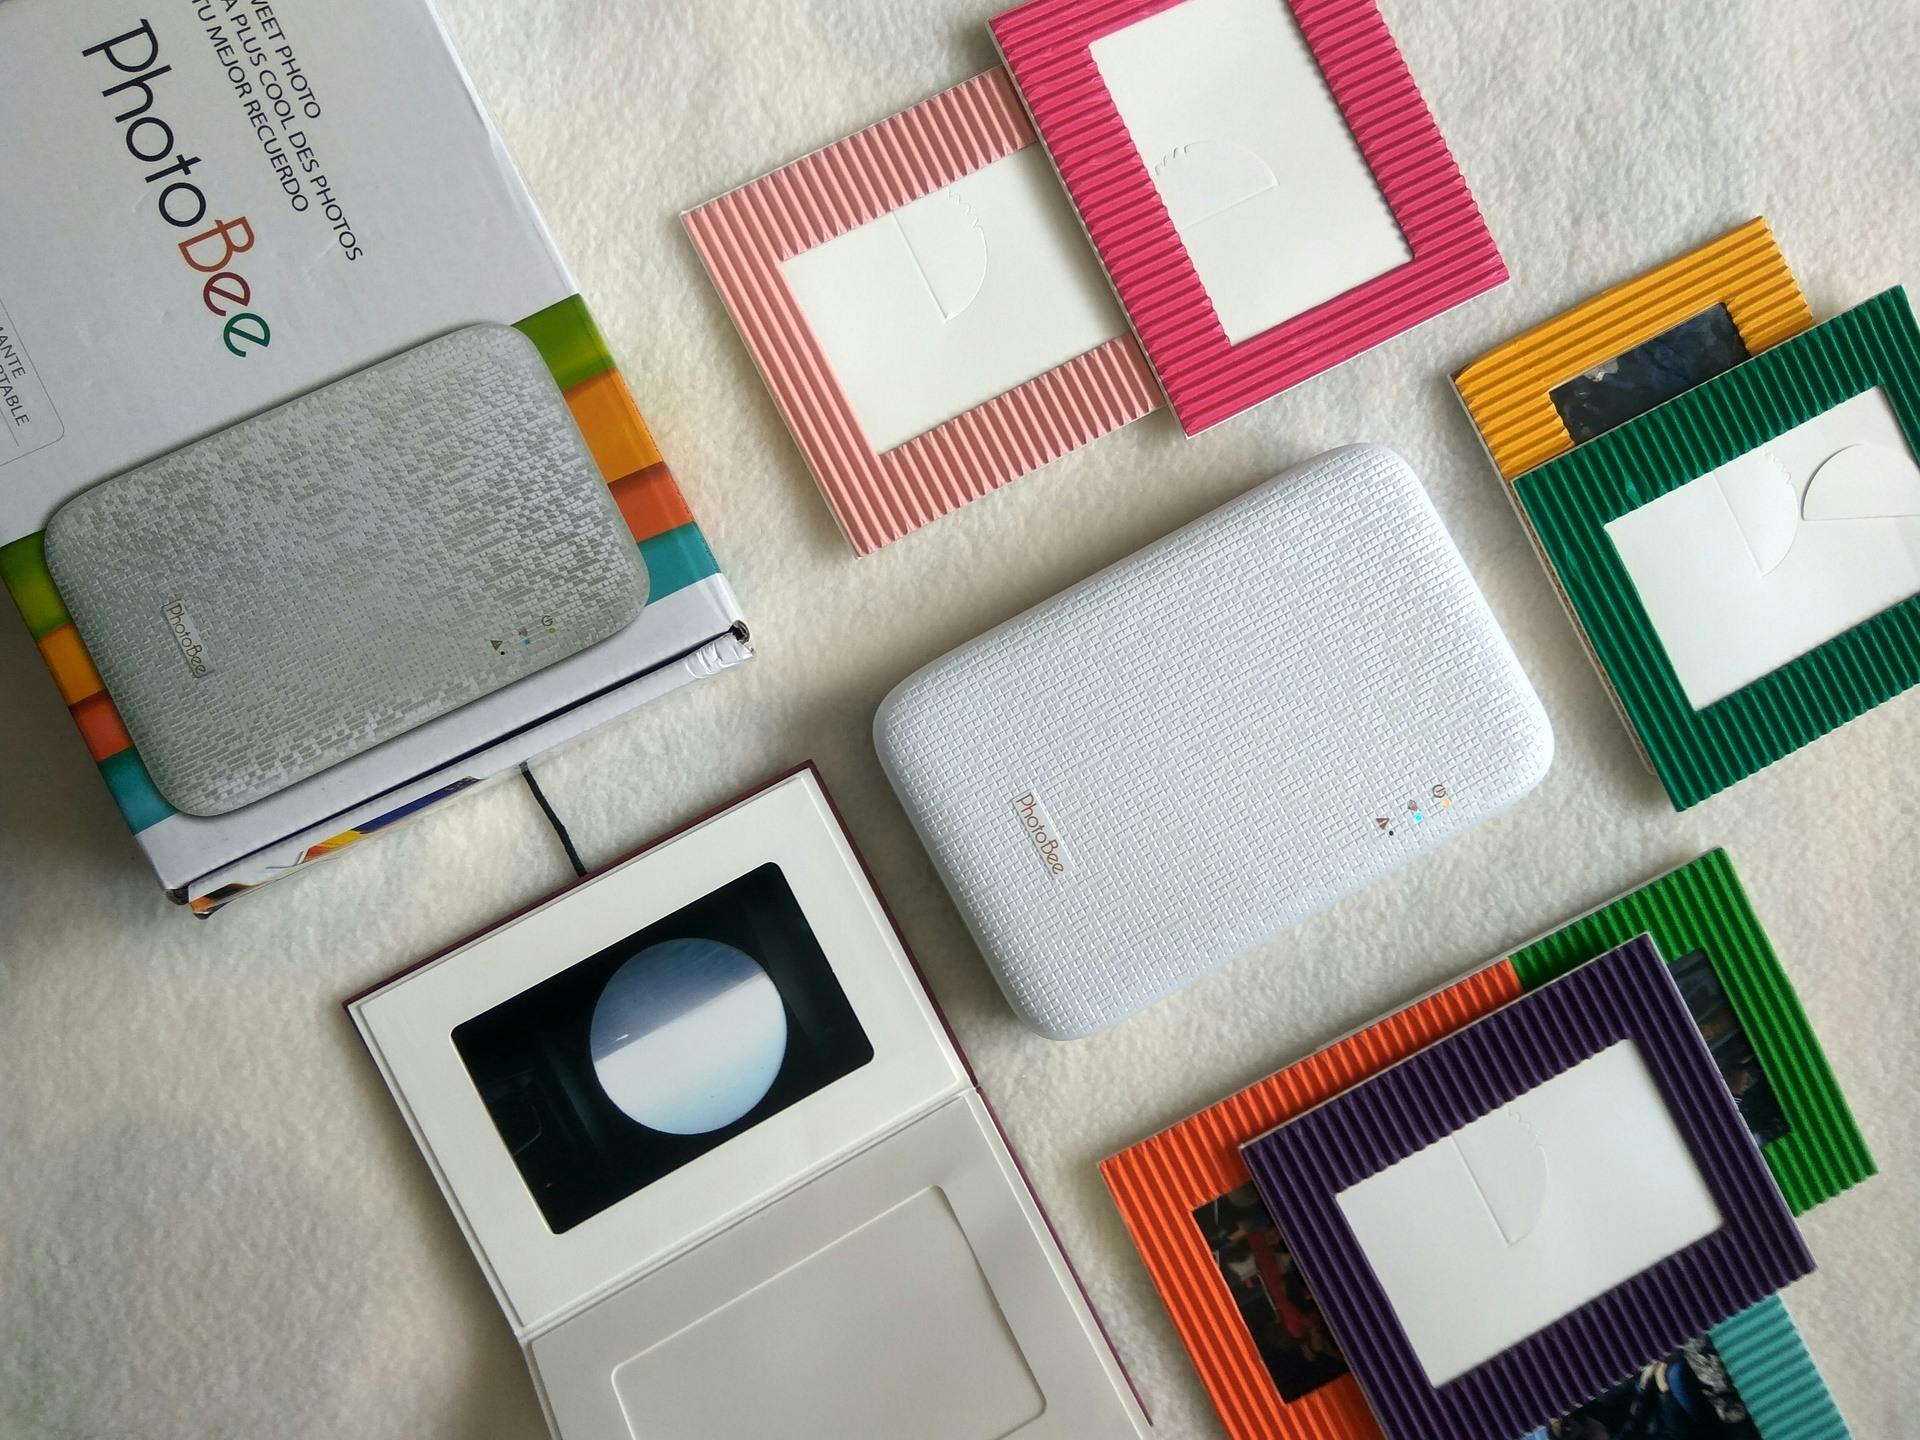 test photobee l 39 imprimante nomade d brouillarde le caf du geek. Black Bedroom Furniture Sets. Home Design Ideas